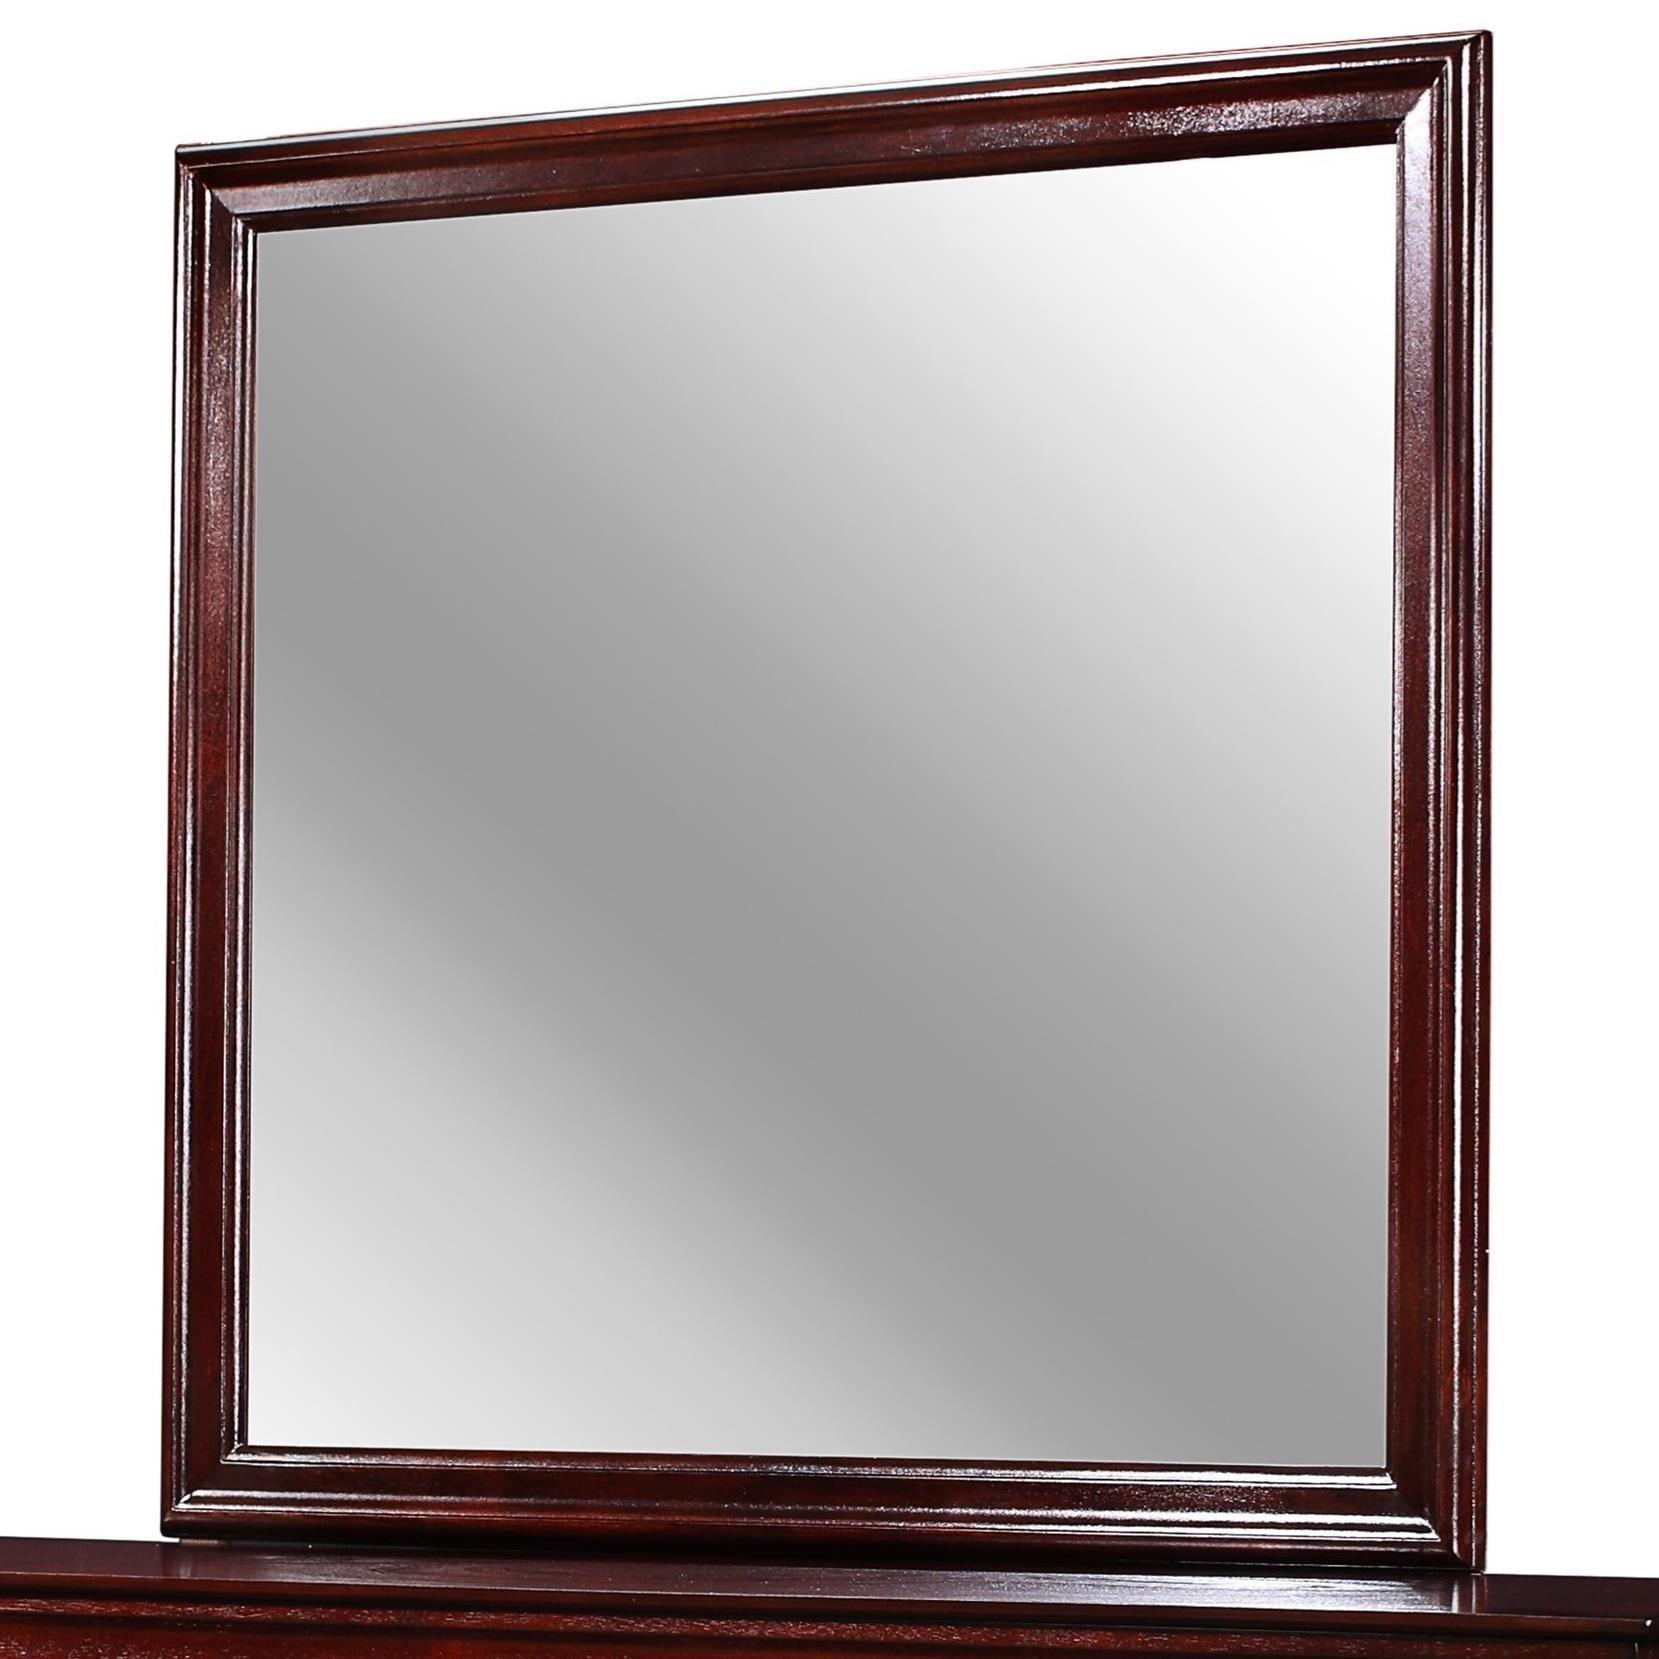 Louis Philip Dresser Mirror by Crown Mark at Wilcox Furniture